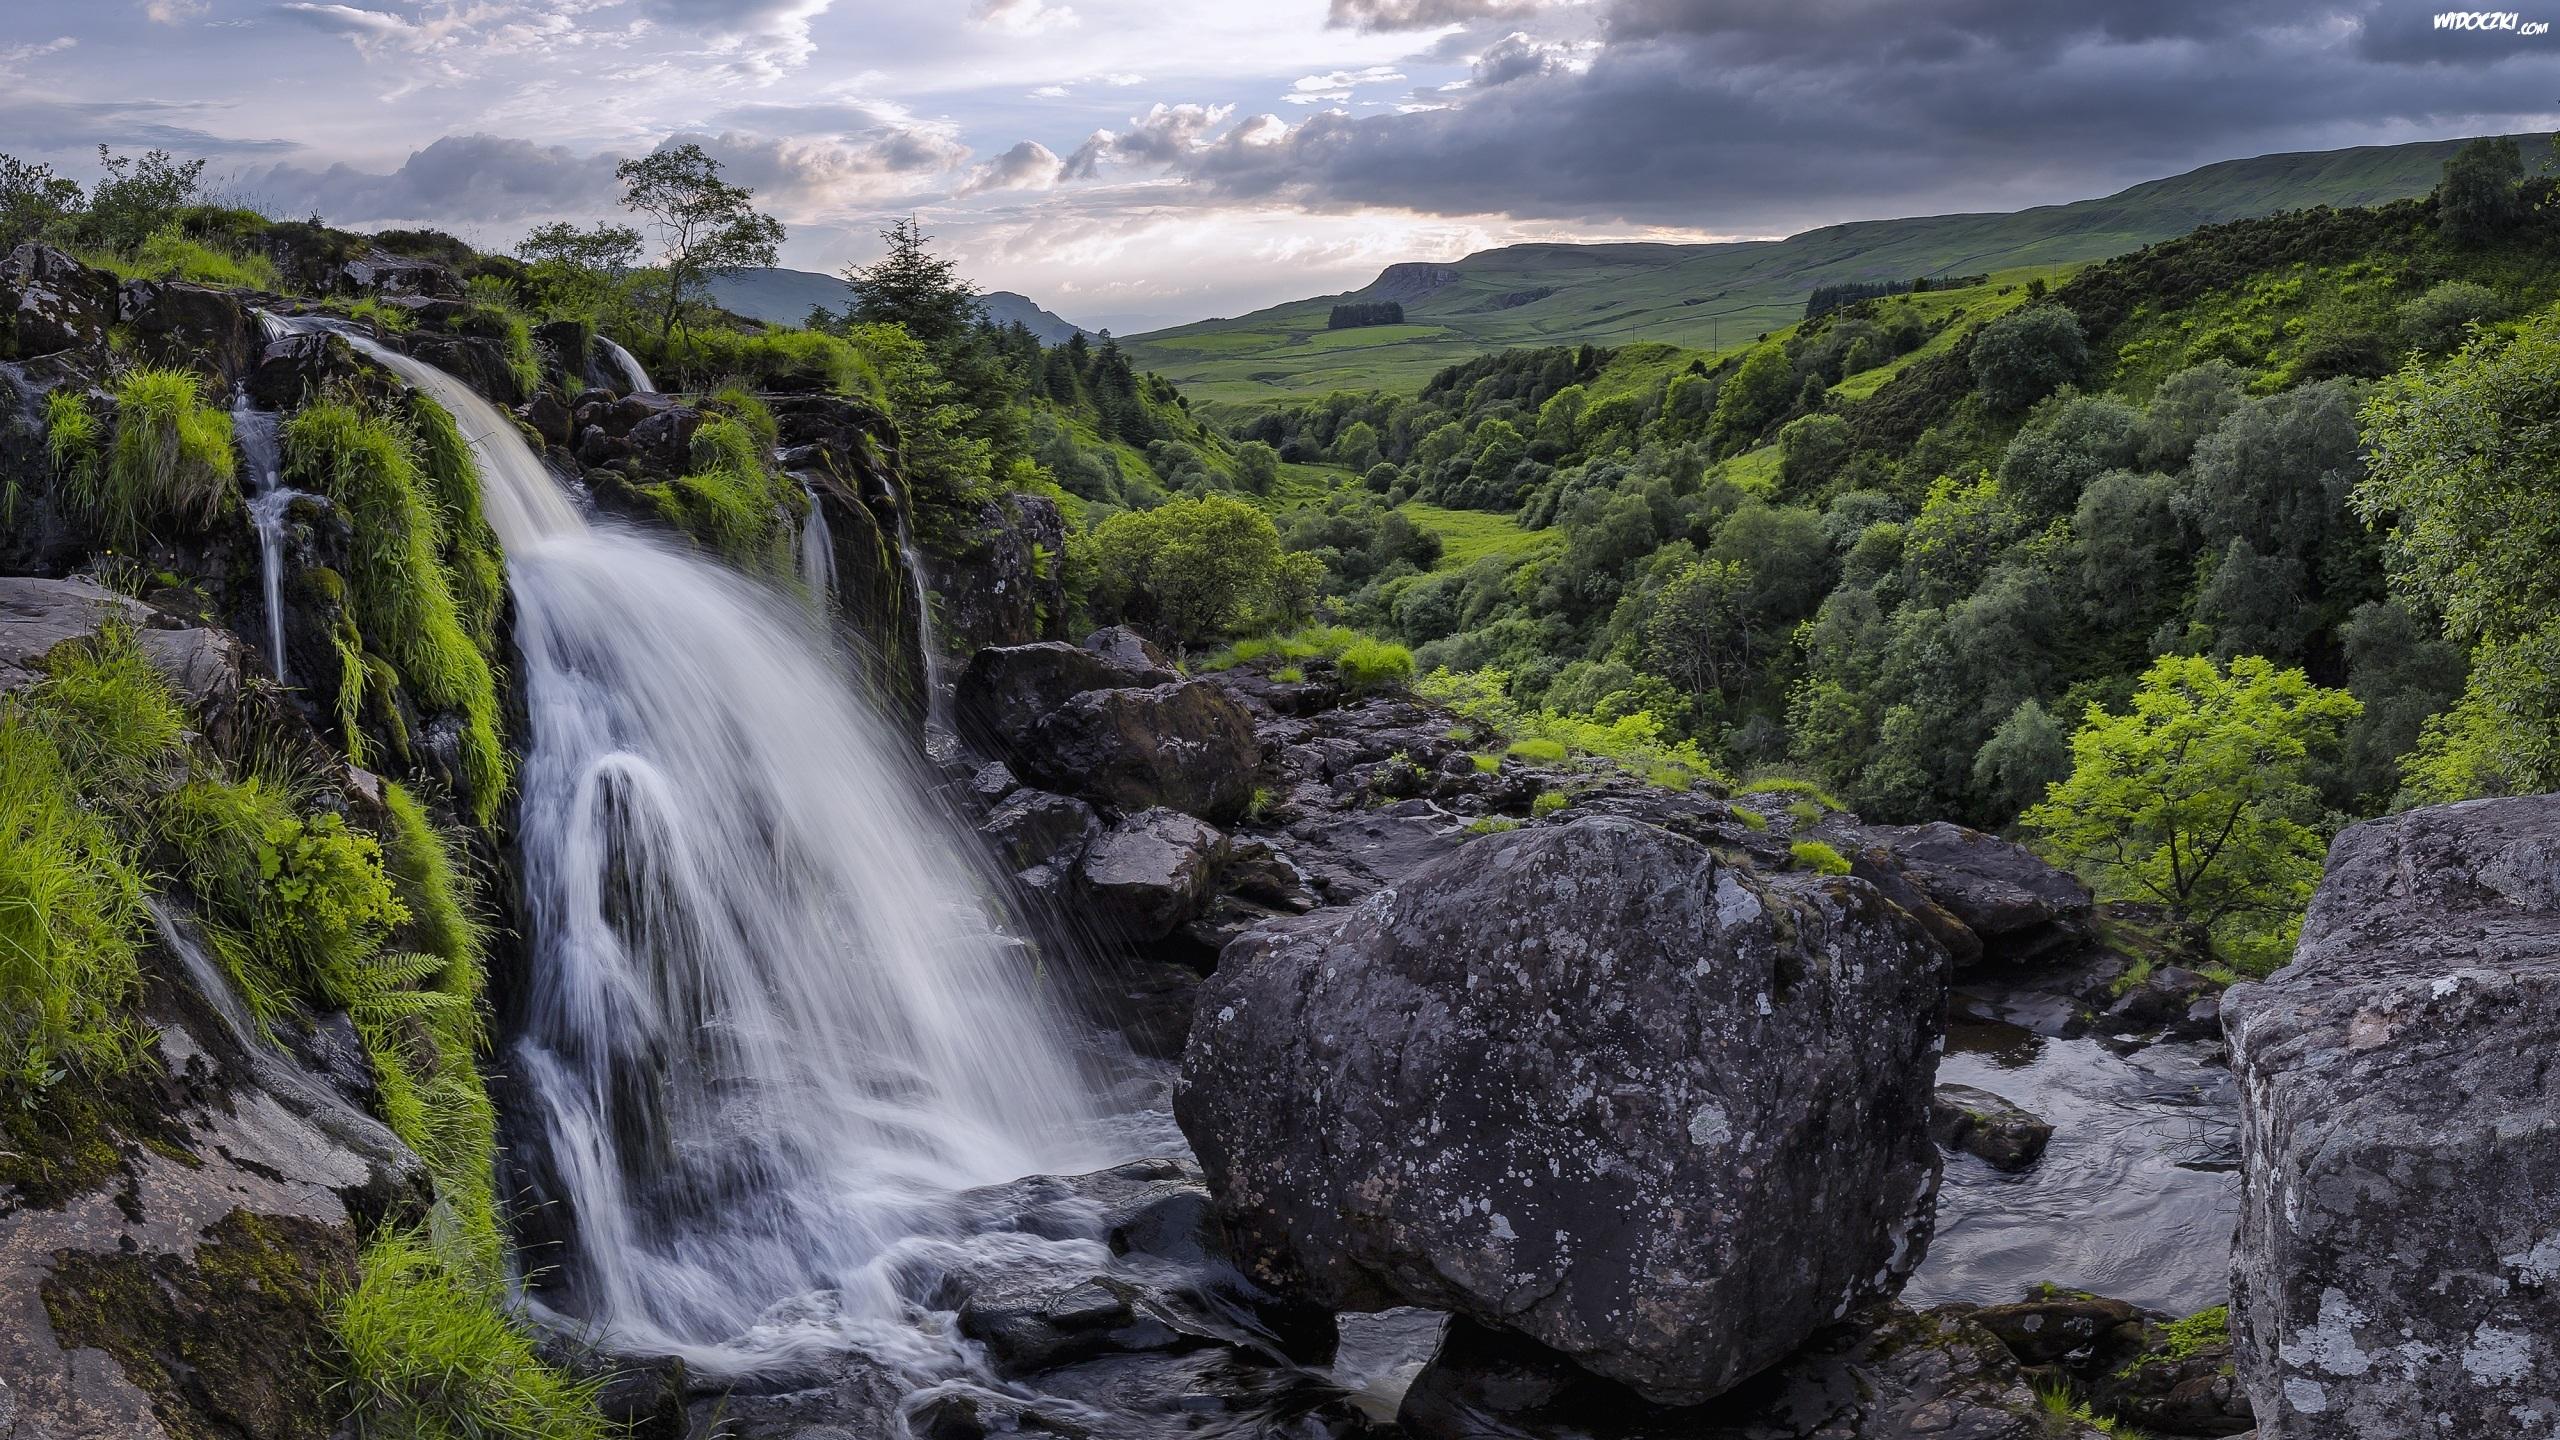 Szkocja, Hrabstwo Stirlingshire, Góry, Rzeka Endrick ...